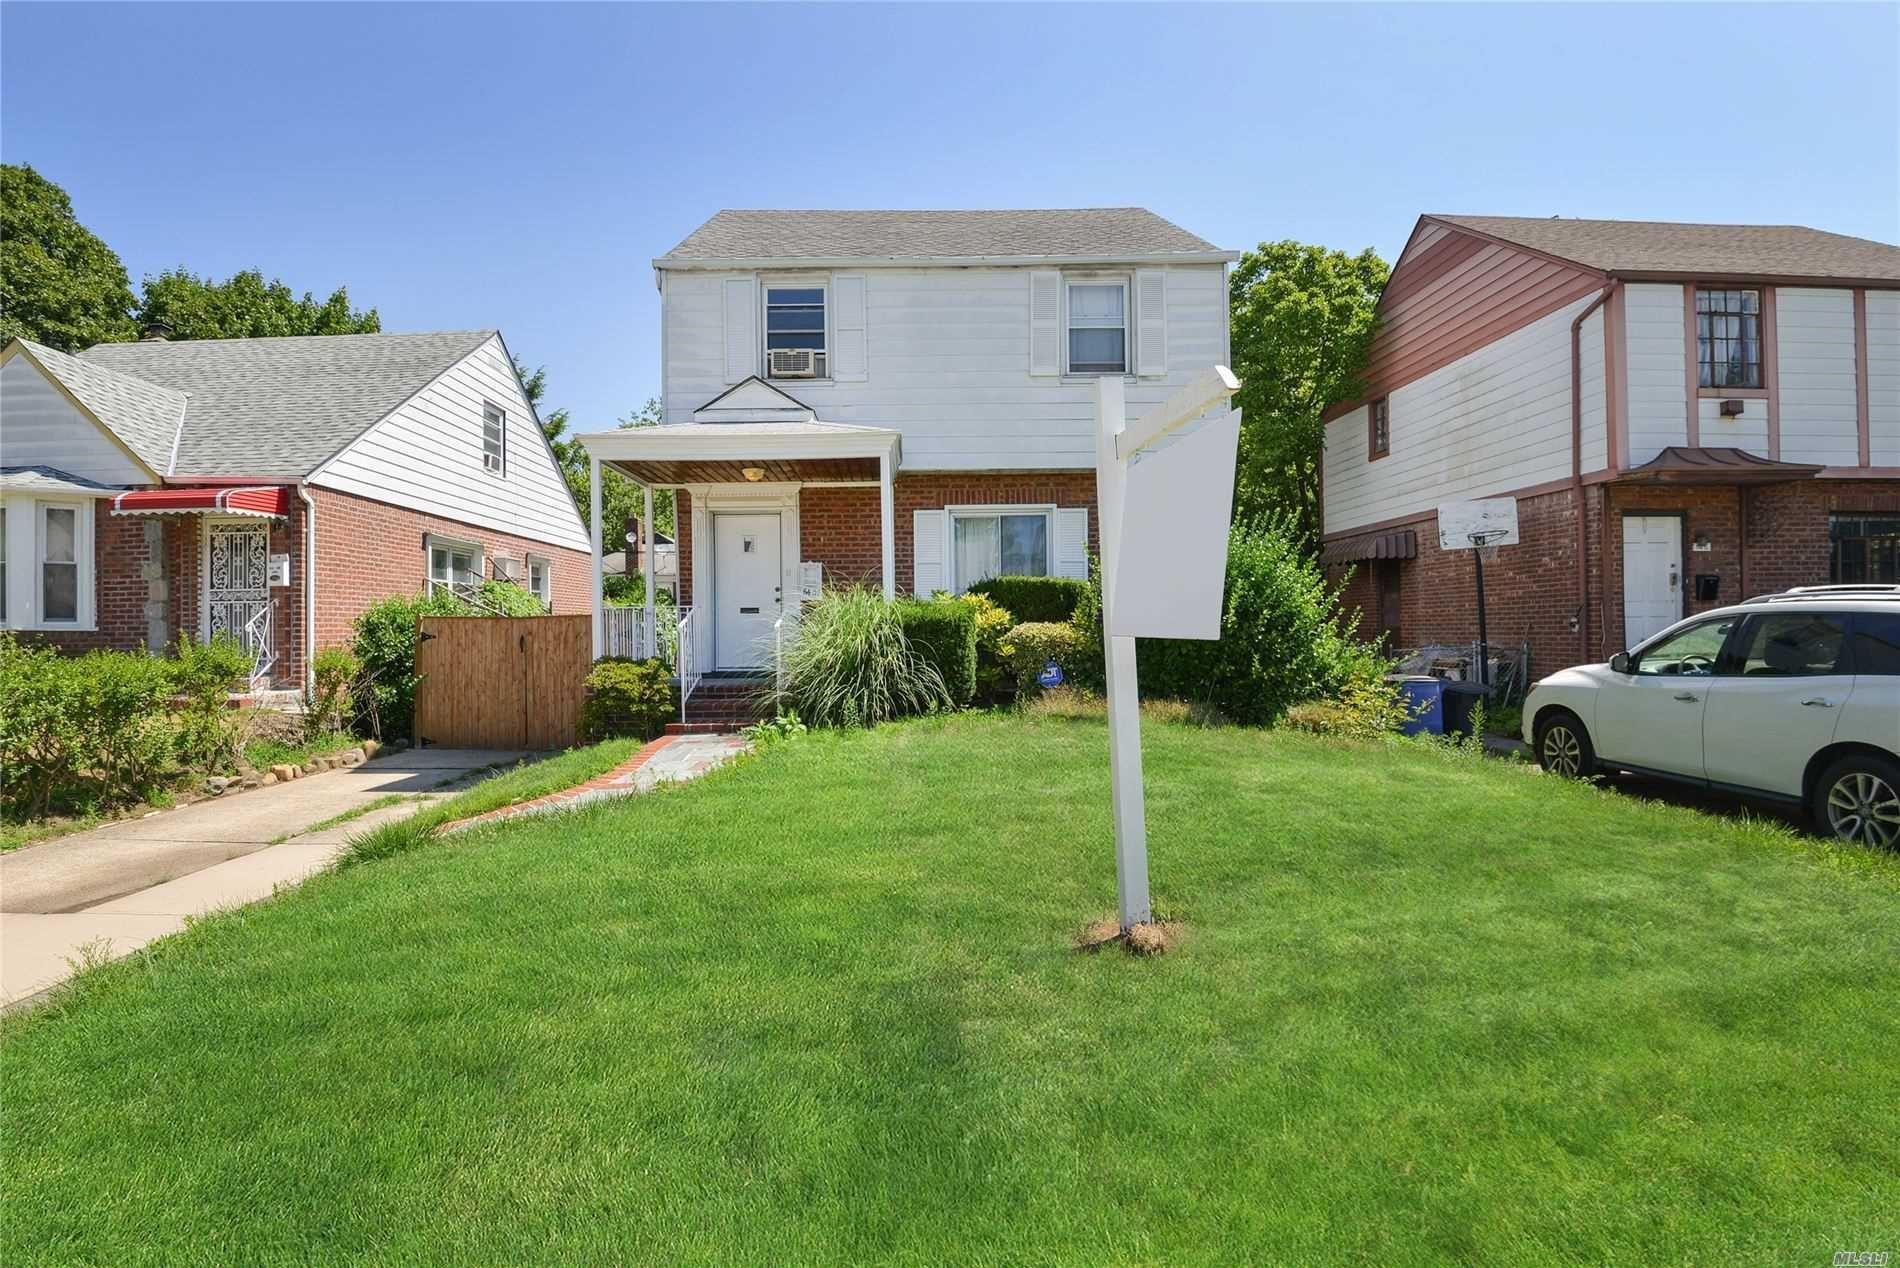 64-57 184 Street, Fresh Meadows, NY 11365 - MLS#: 3239635